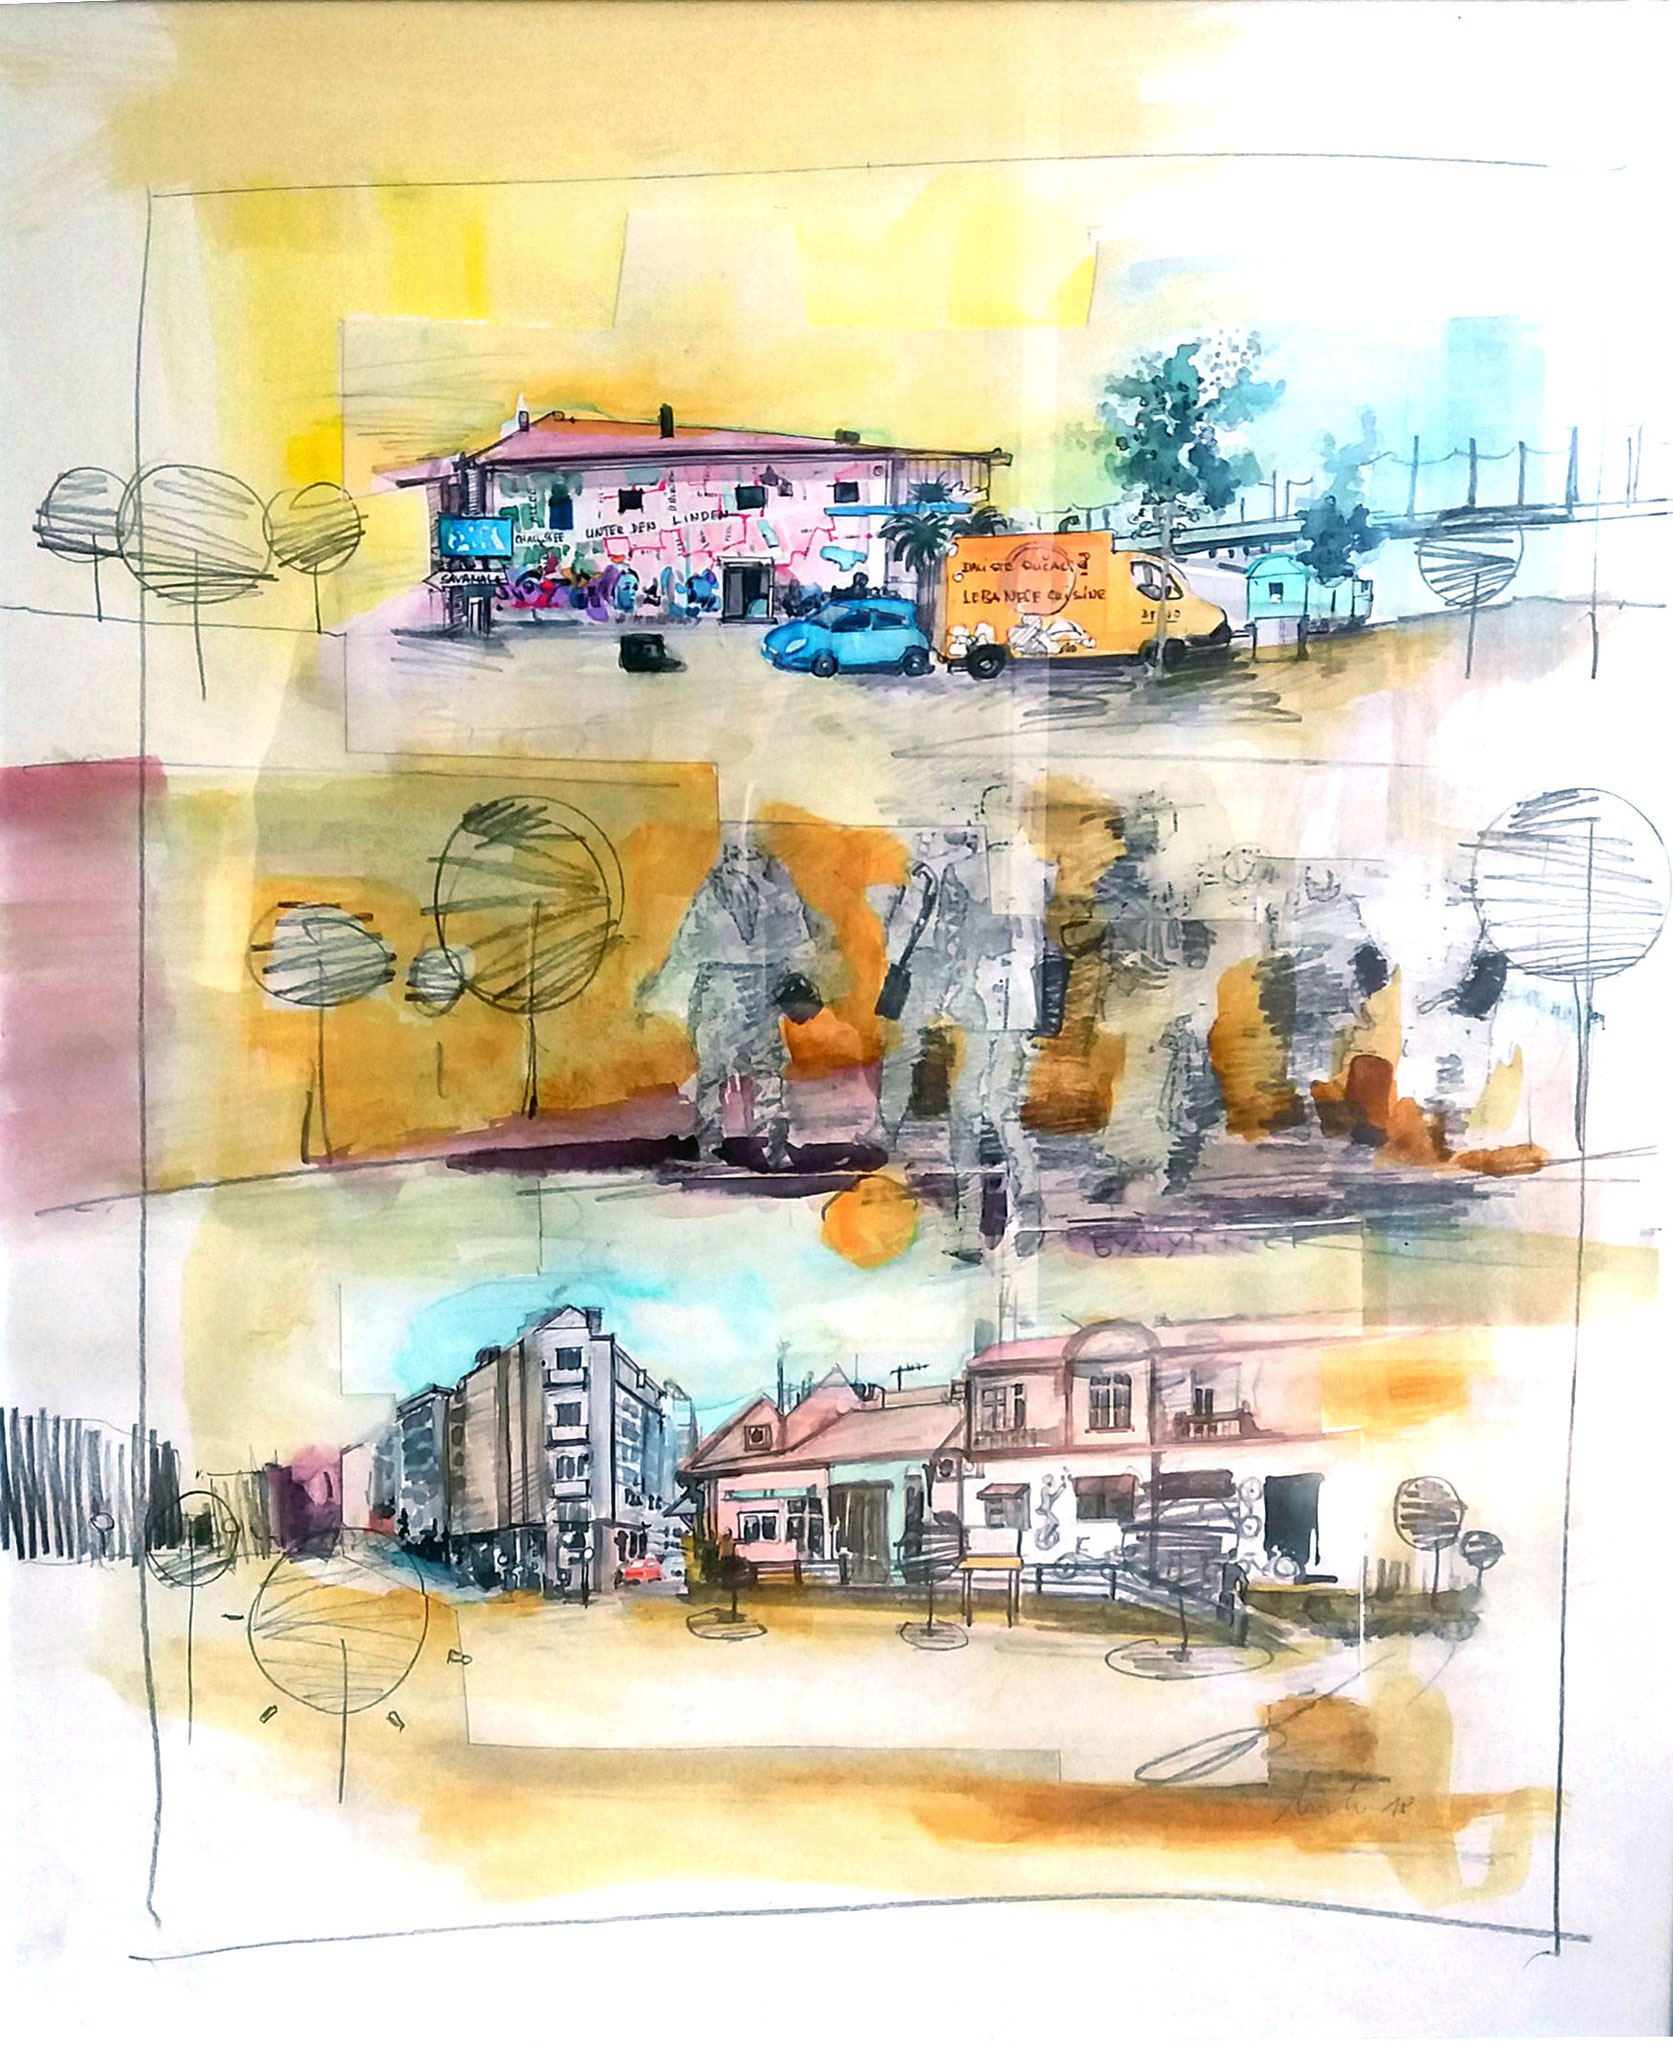 ohne Titel l, Zeichnung, Mischtechnik auf Papier, 60 x 50